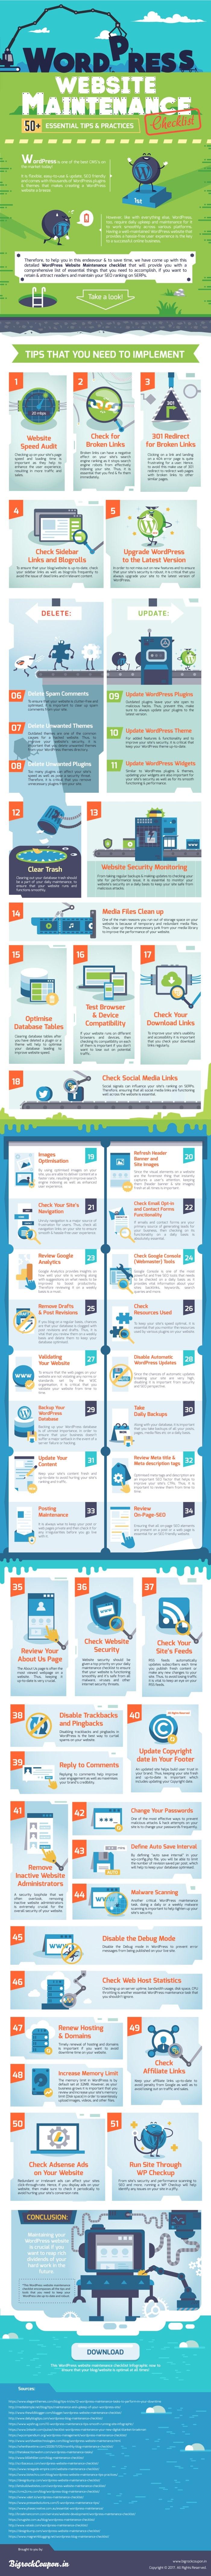 WordPress Website Maintenance Checklist (Infographic)